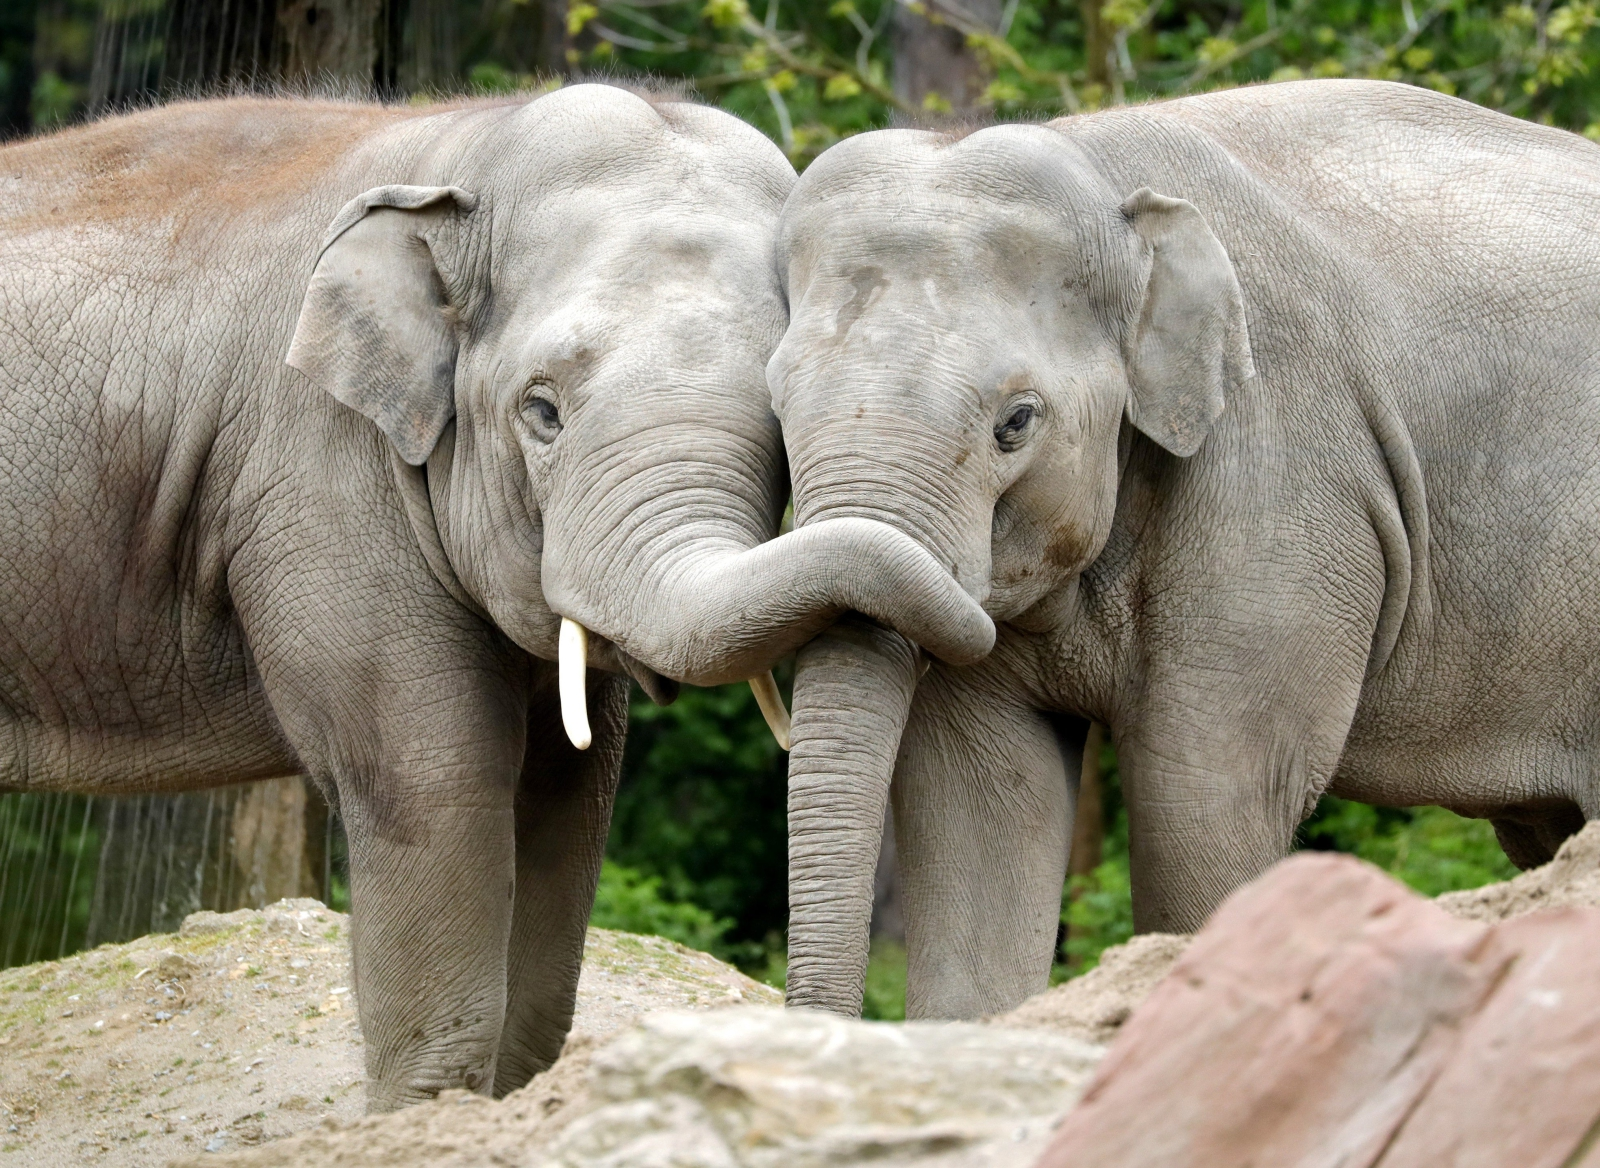 Dwa młode słonie grają ze sobą w Zoo w Heidelbergu w Niemczech. Słoń azjatycki (Elephas maximus) jest drugim największym zwierzęciem lądowymi na planecie. Fot. PAP/EPA/RONALD WITTEK